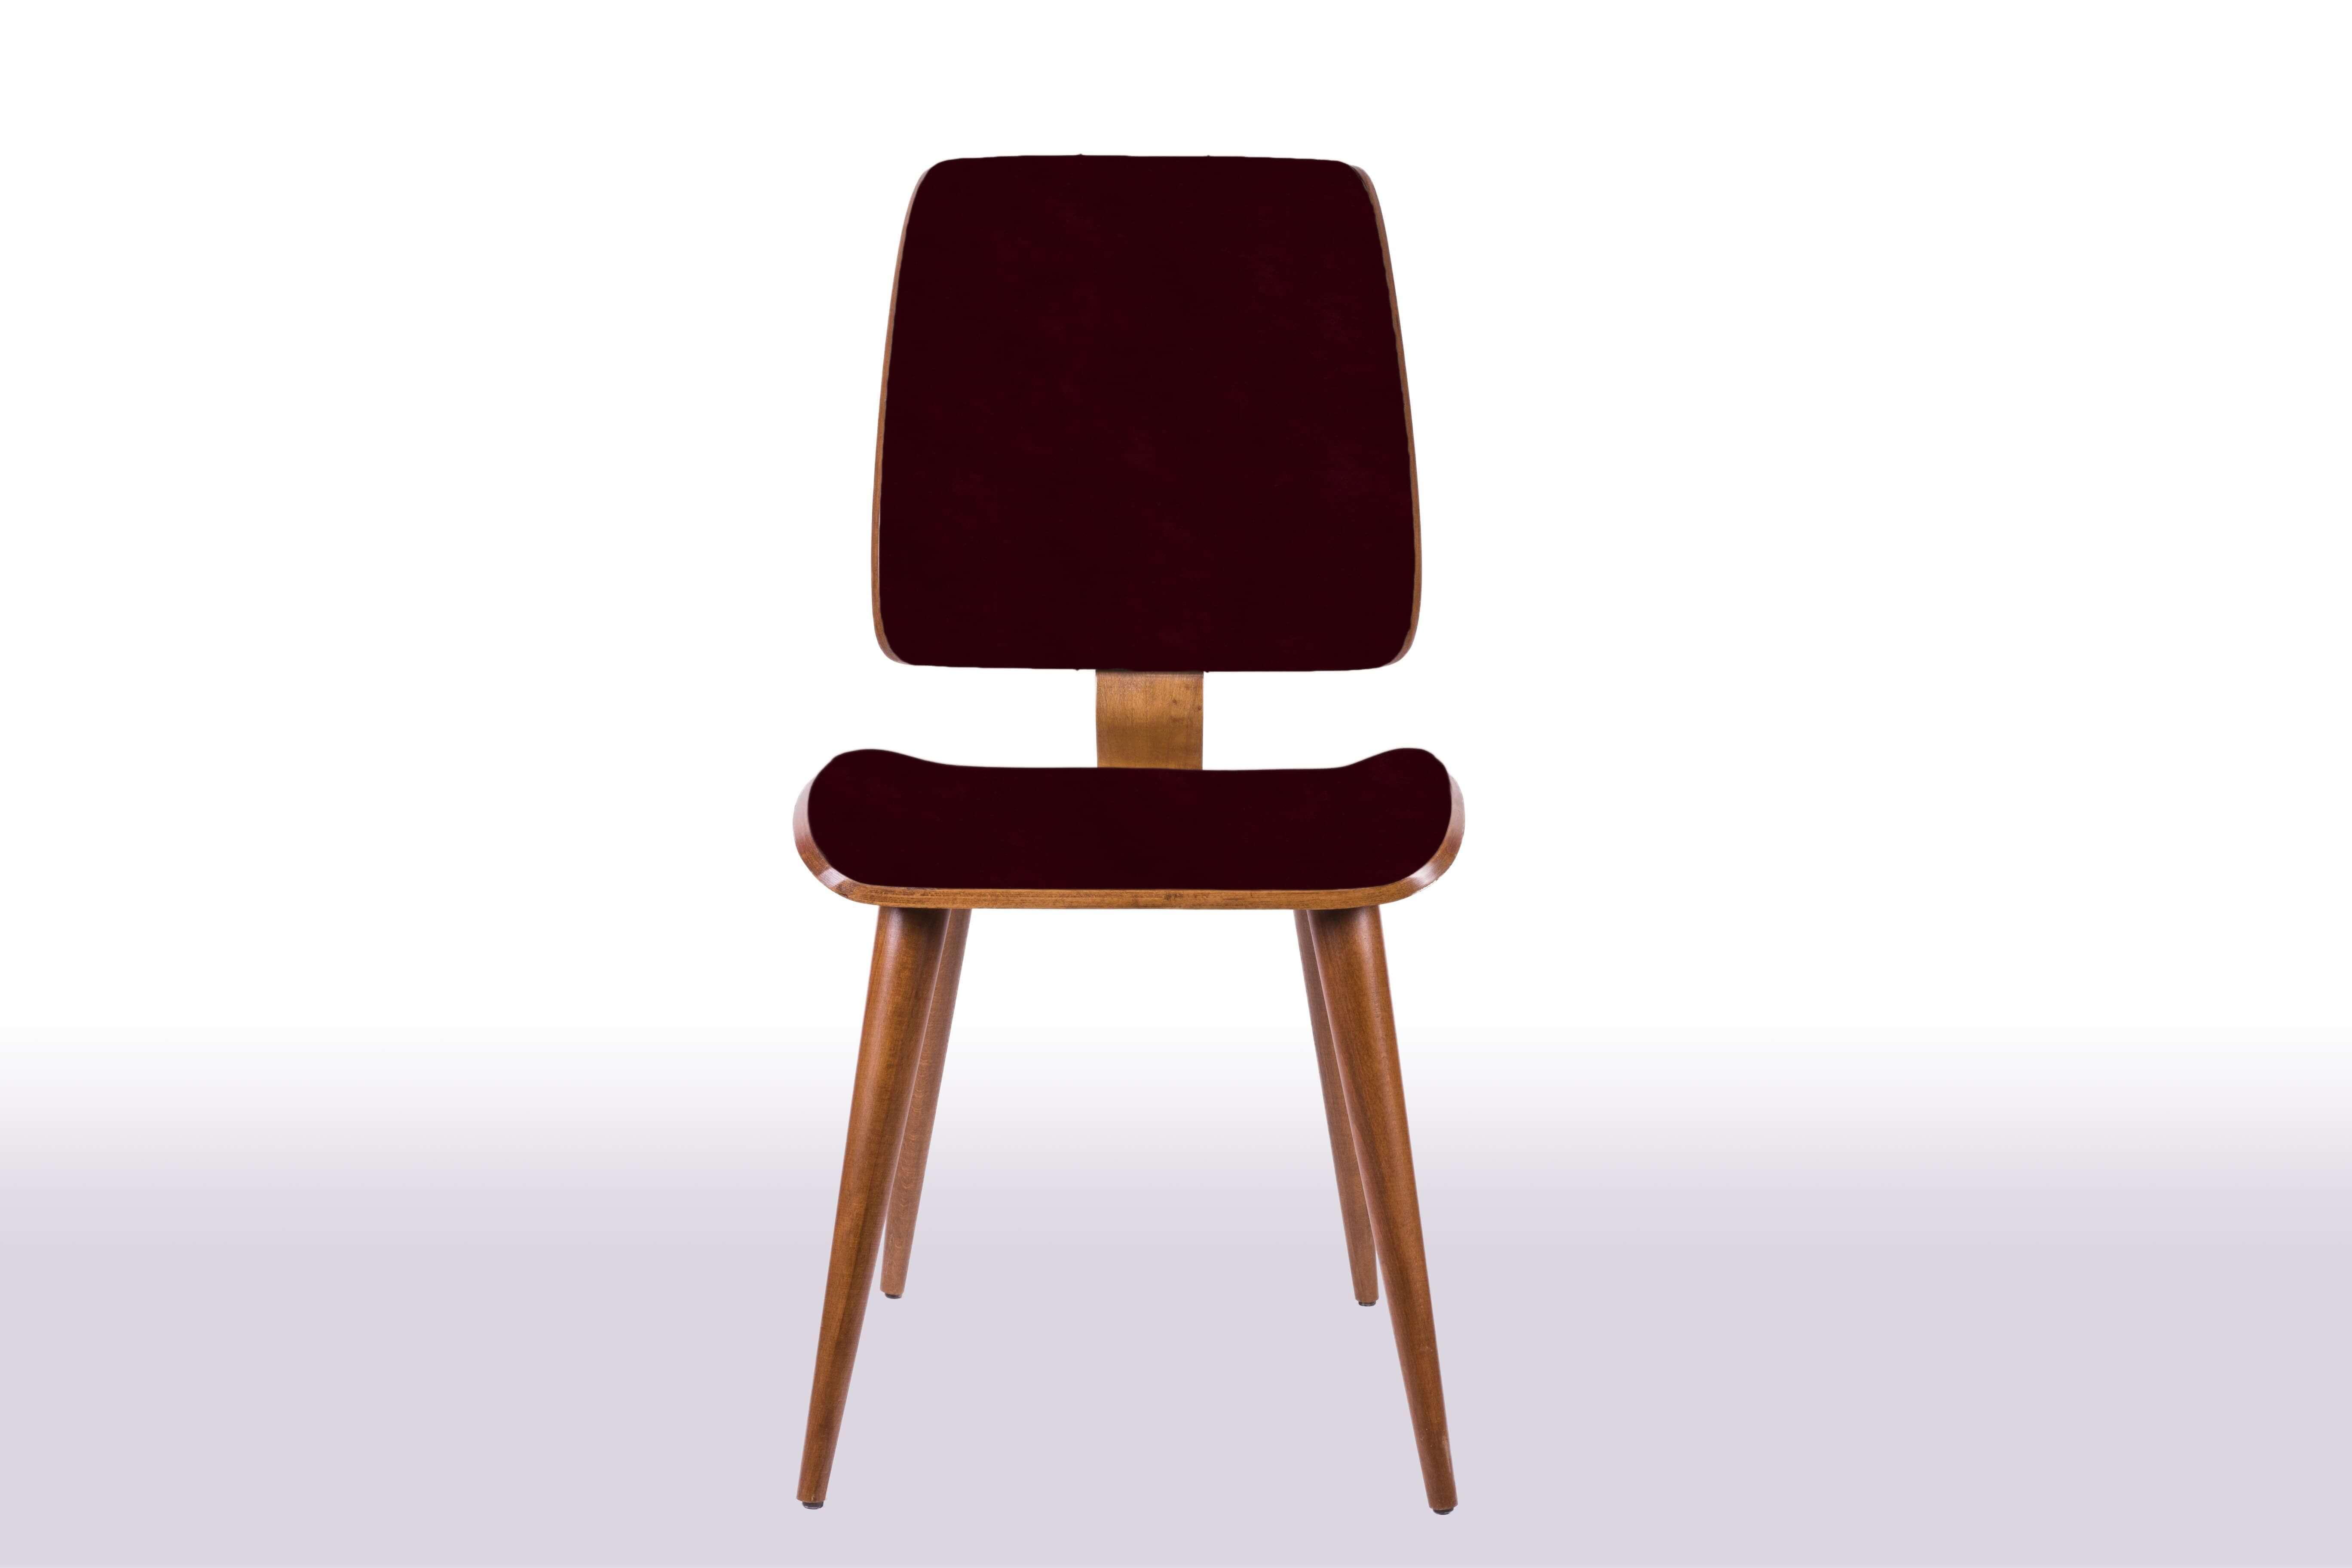 Grand Sandalye Modeli Ön Görünüm